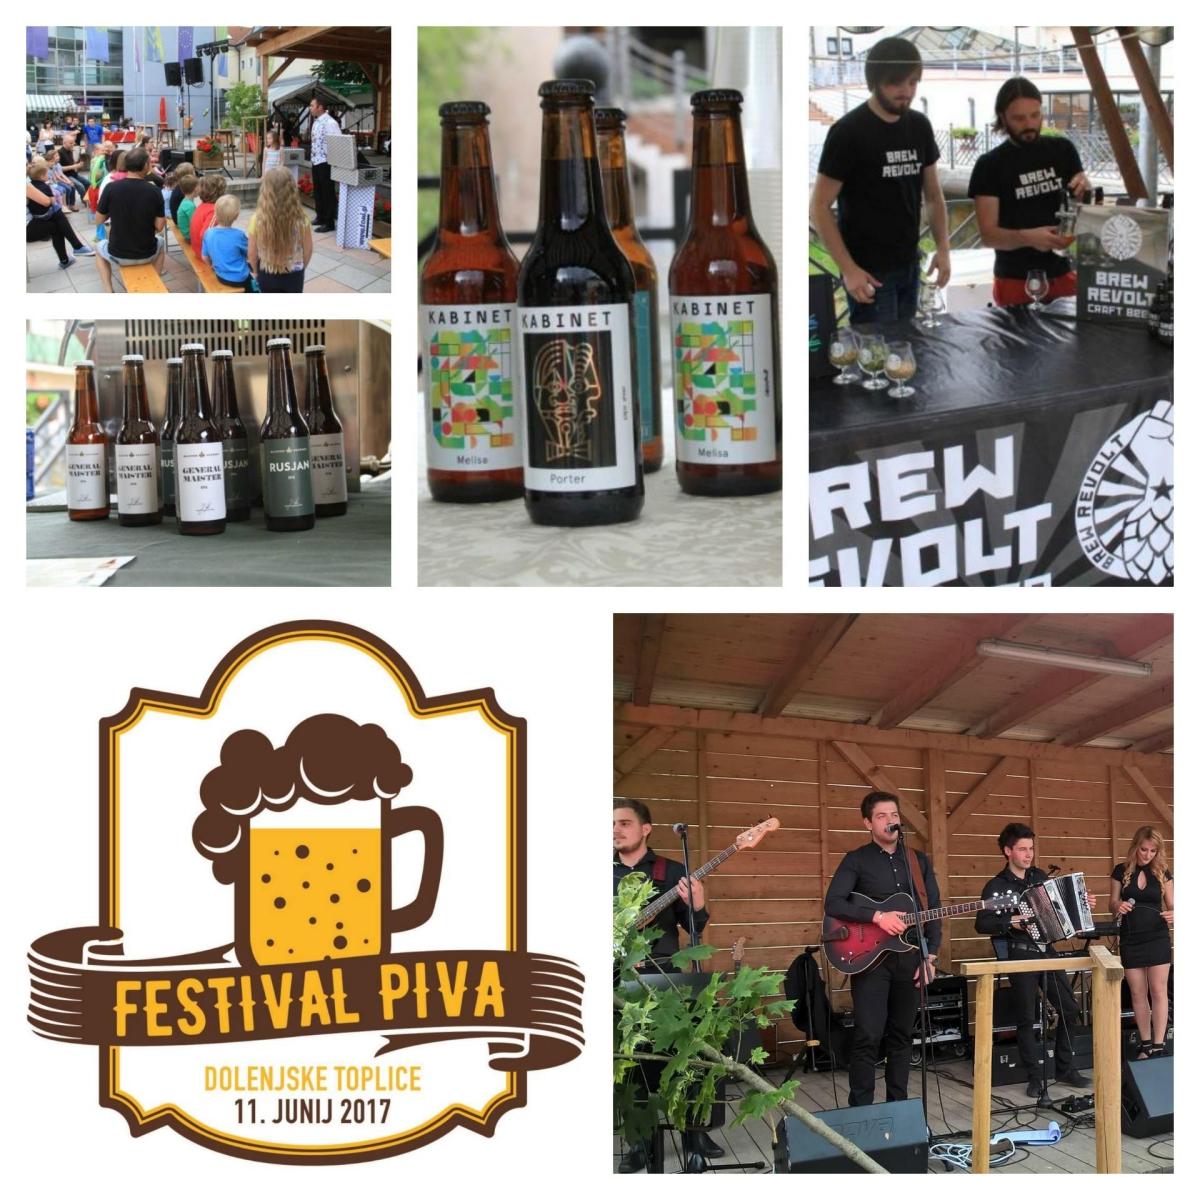 4. Festival piva Dolenjske Toplice